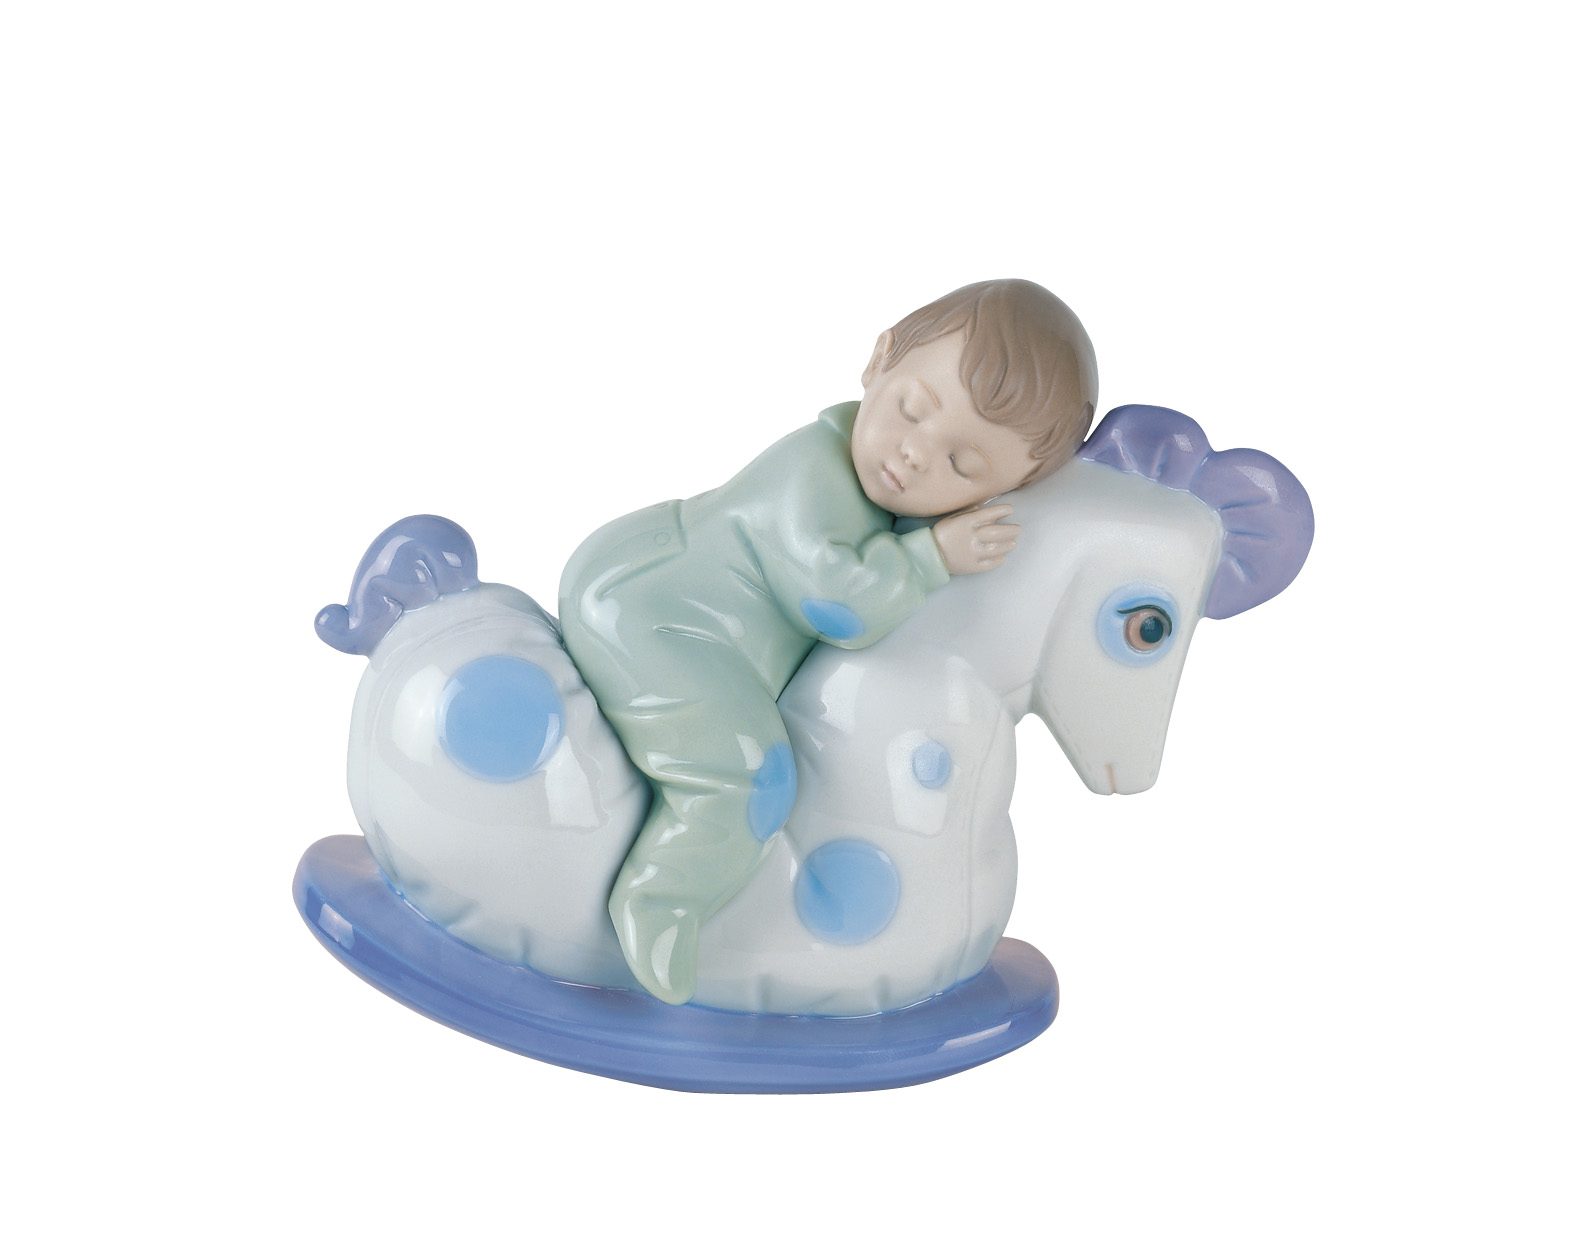 Cavallino Dei Miei Sogni